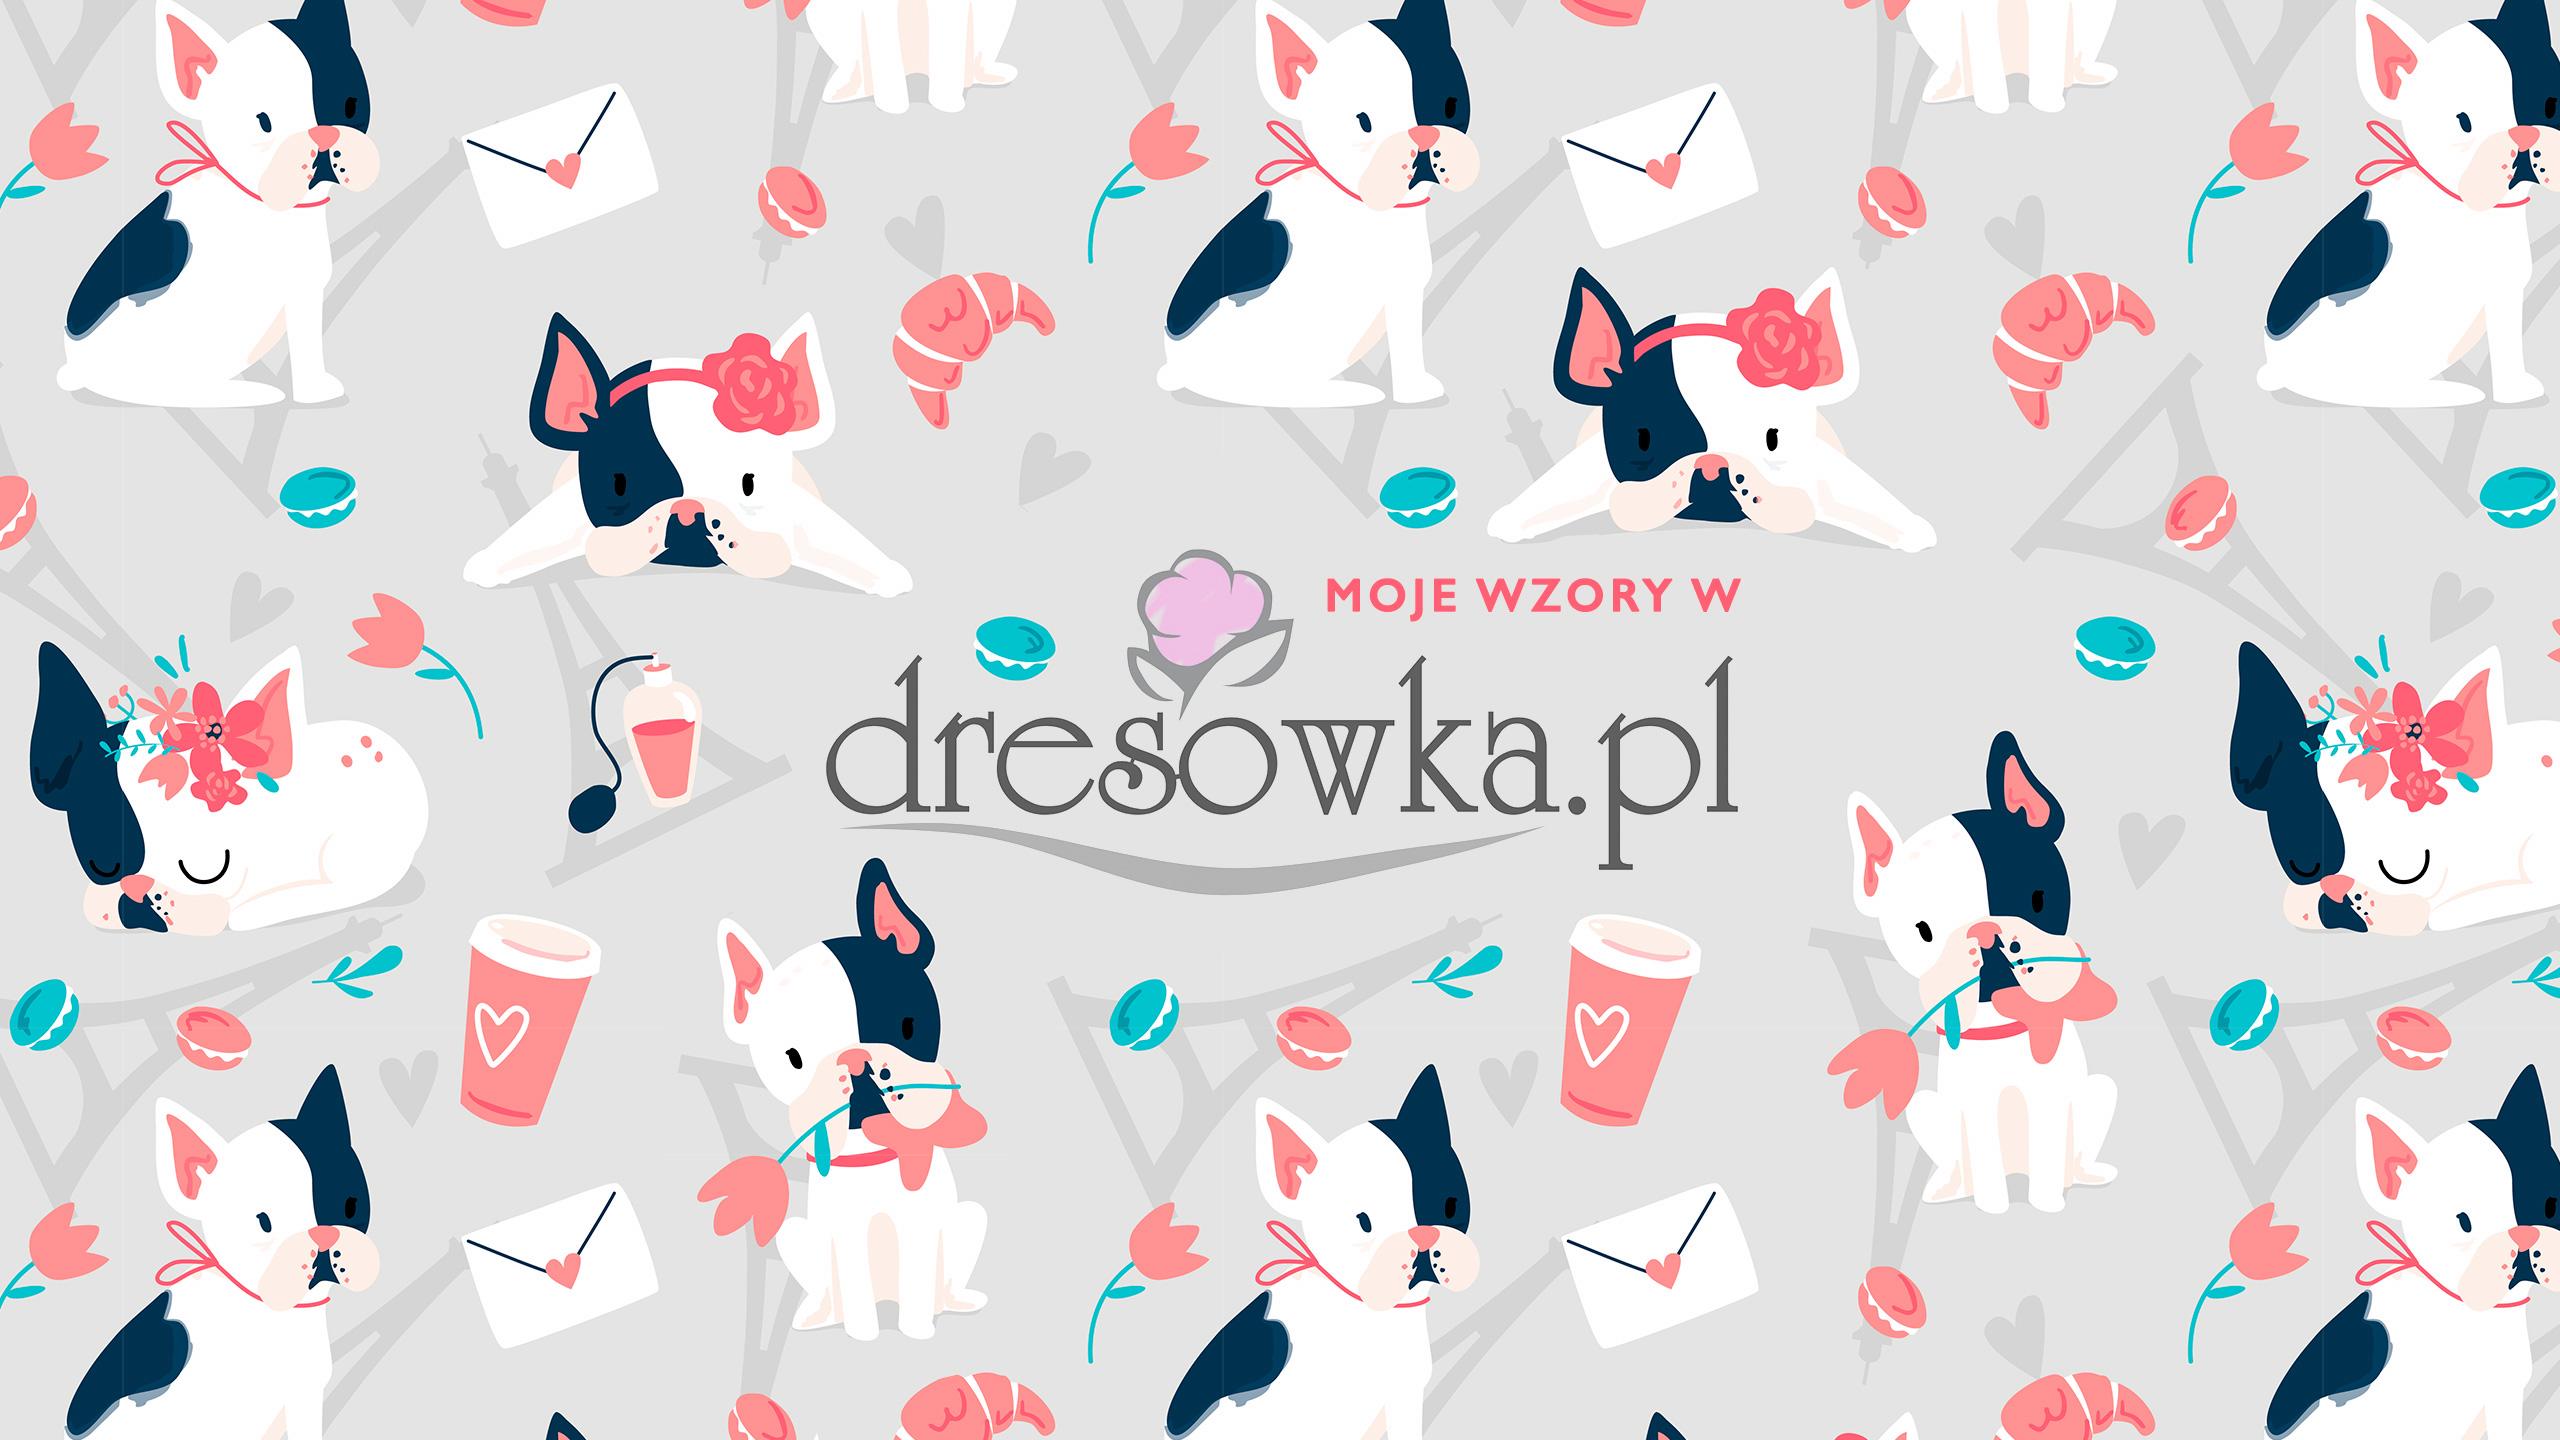 Dresówka